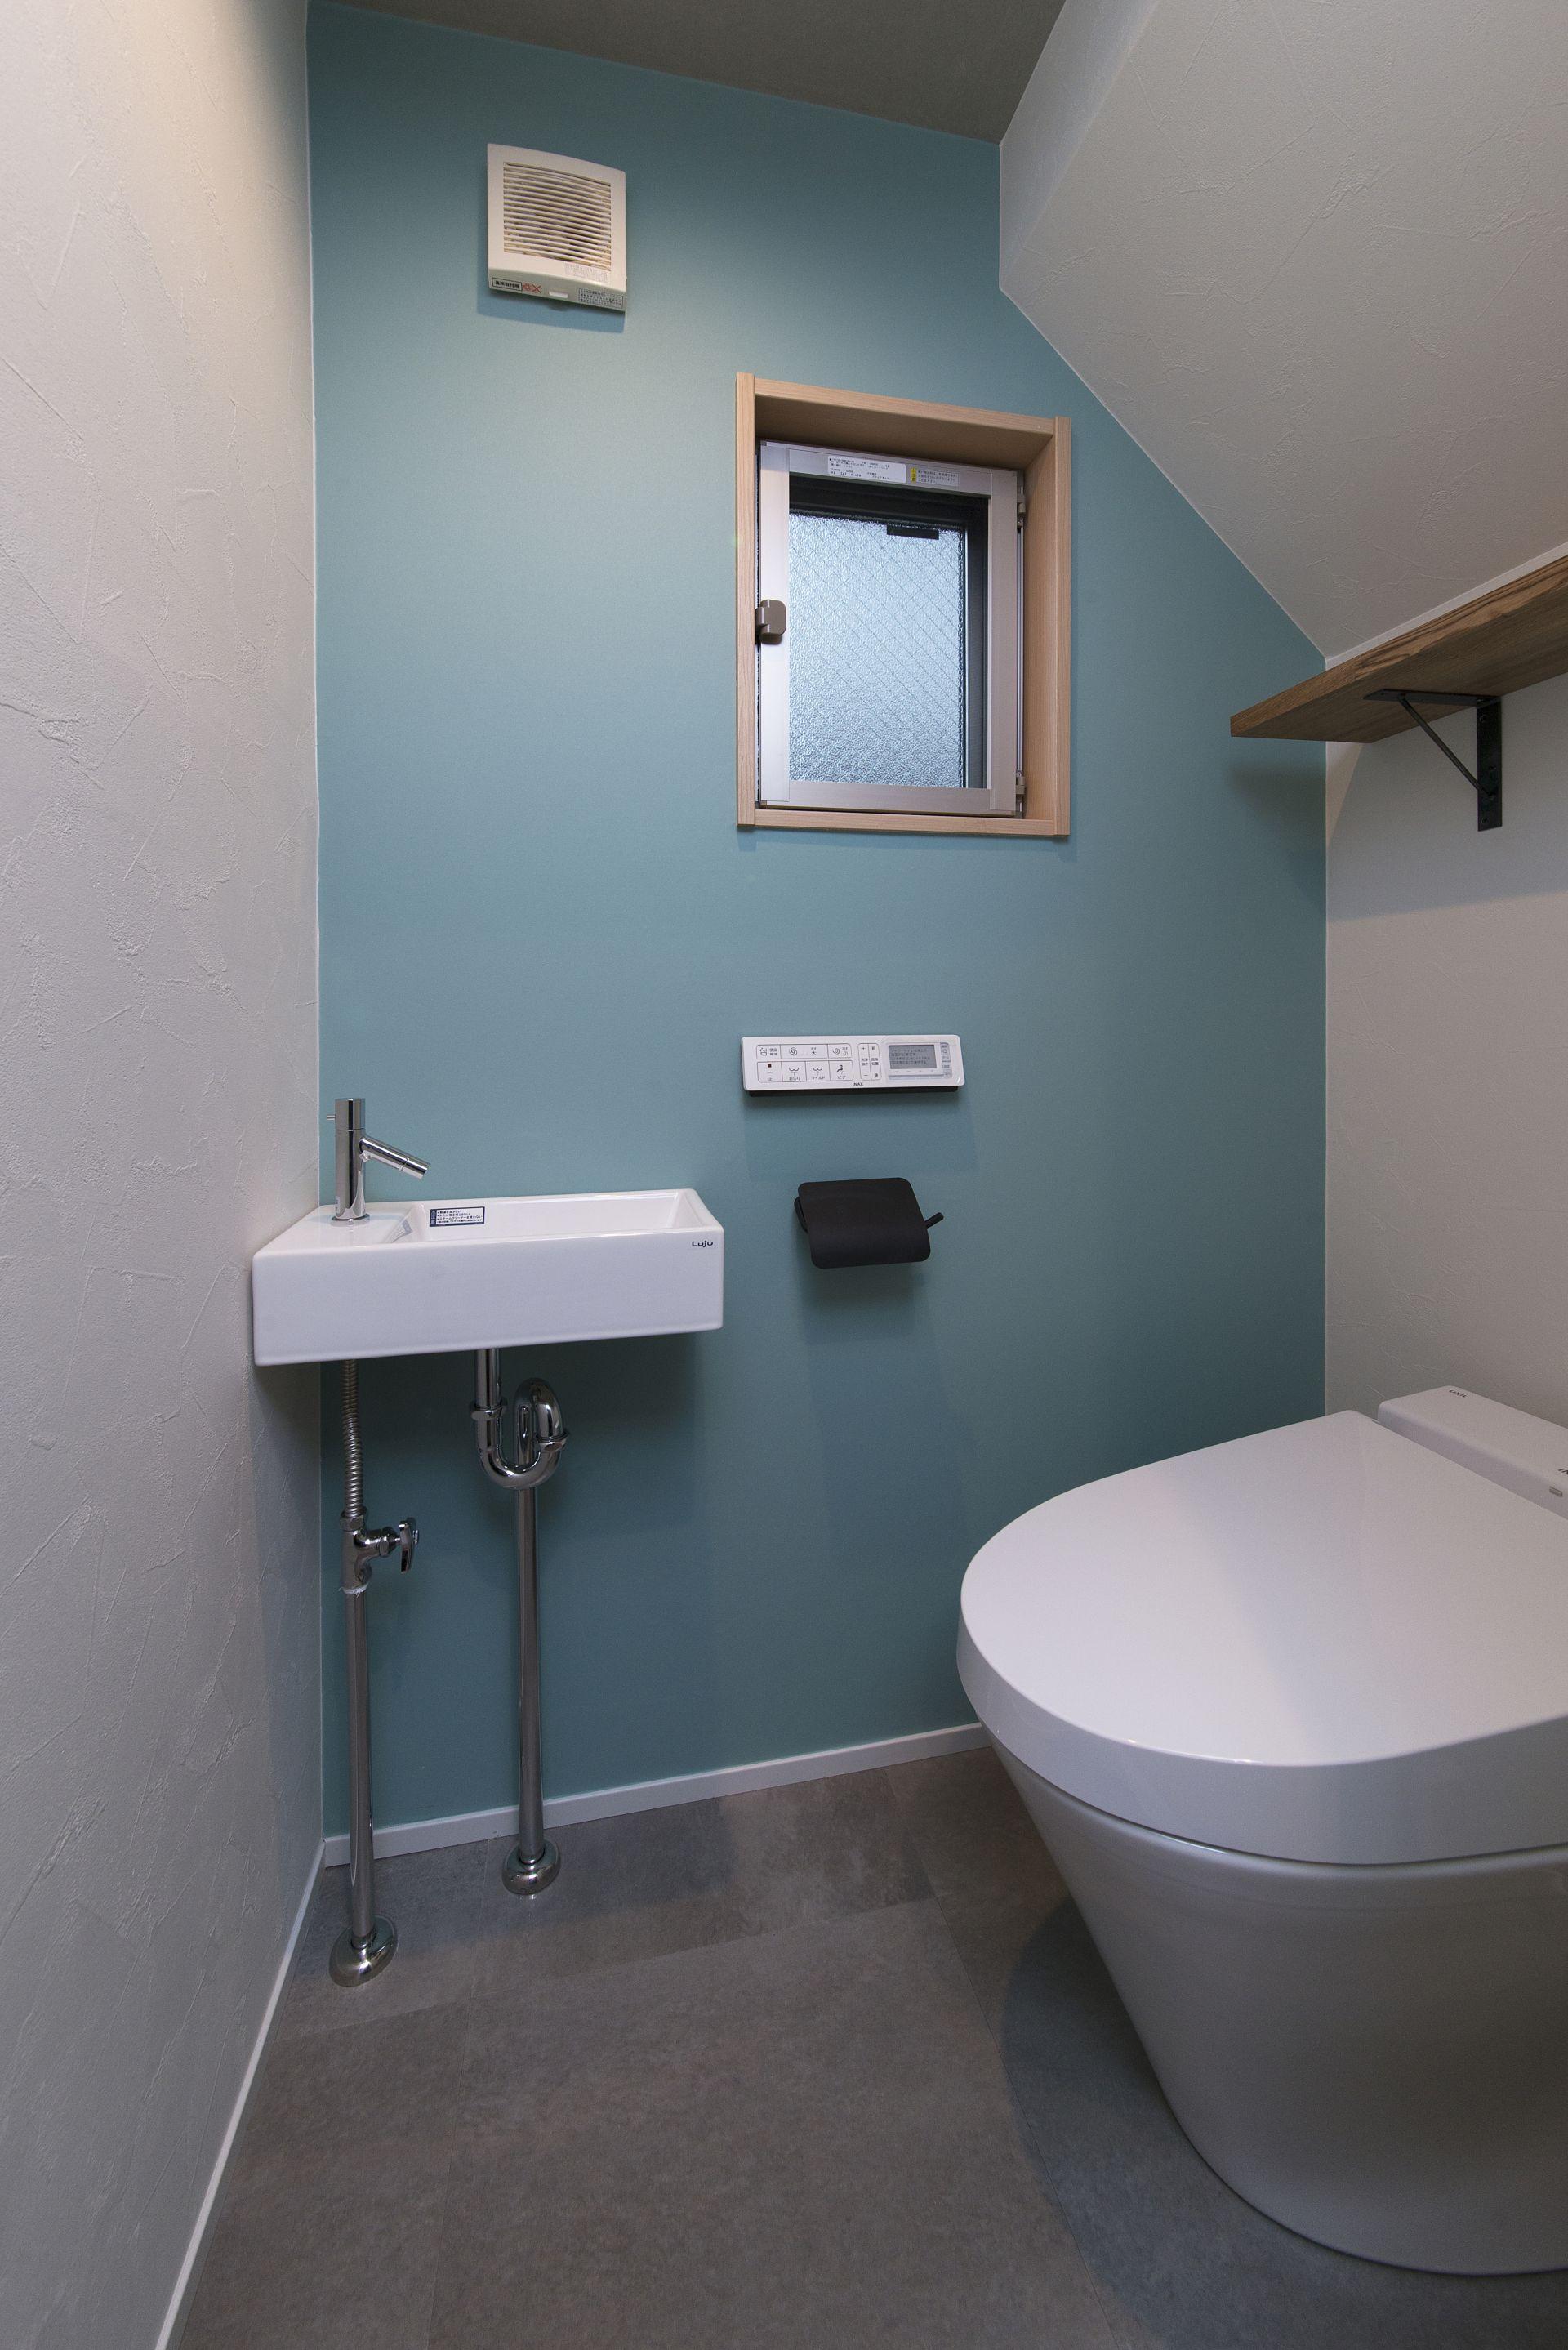 おしゃれなトイレにリノベーションするには?トイレの壁紙を解説!